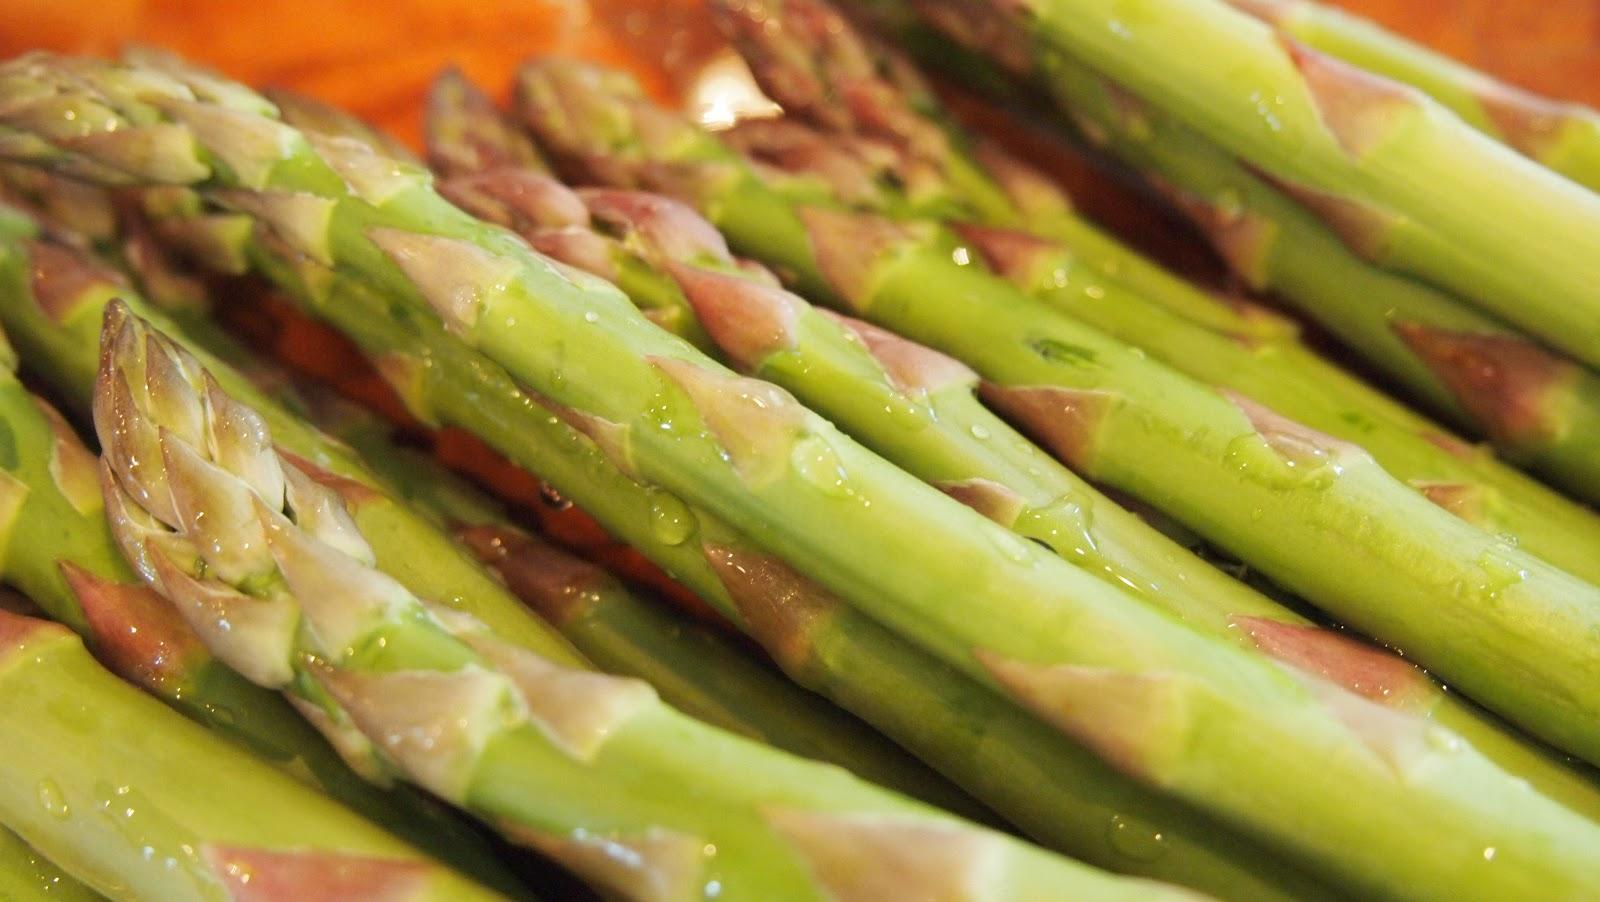 Room Temperature Asparagus Recipes